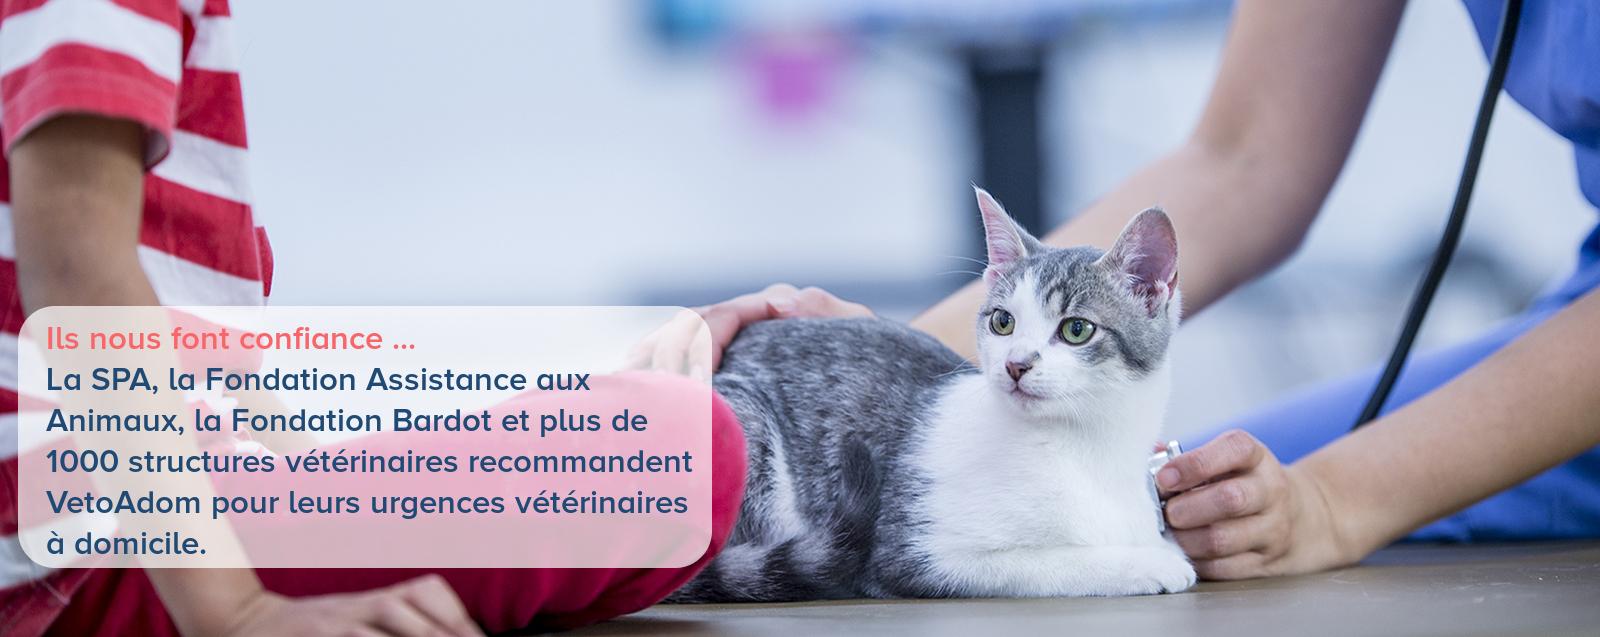 VetoAdom - Urgences vétérinaires à domicile 10h/10 - Paris / Ile